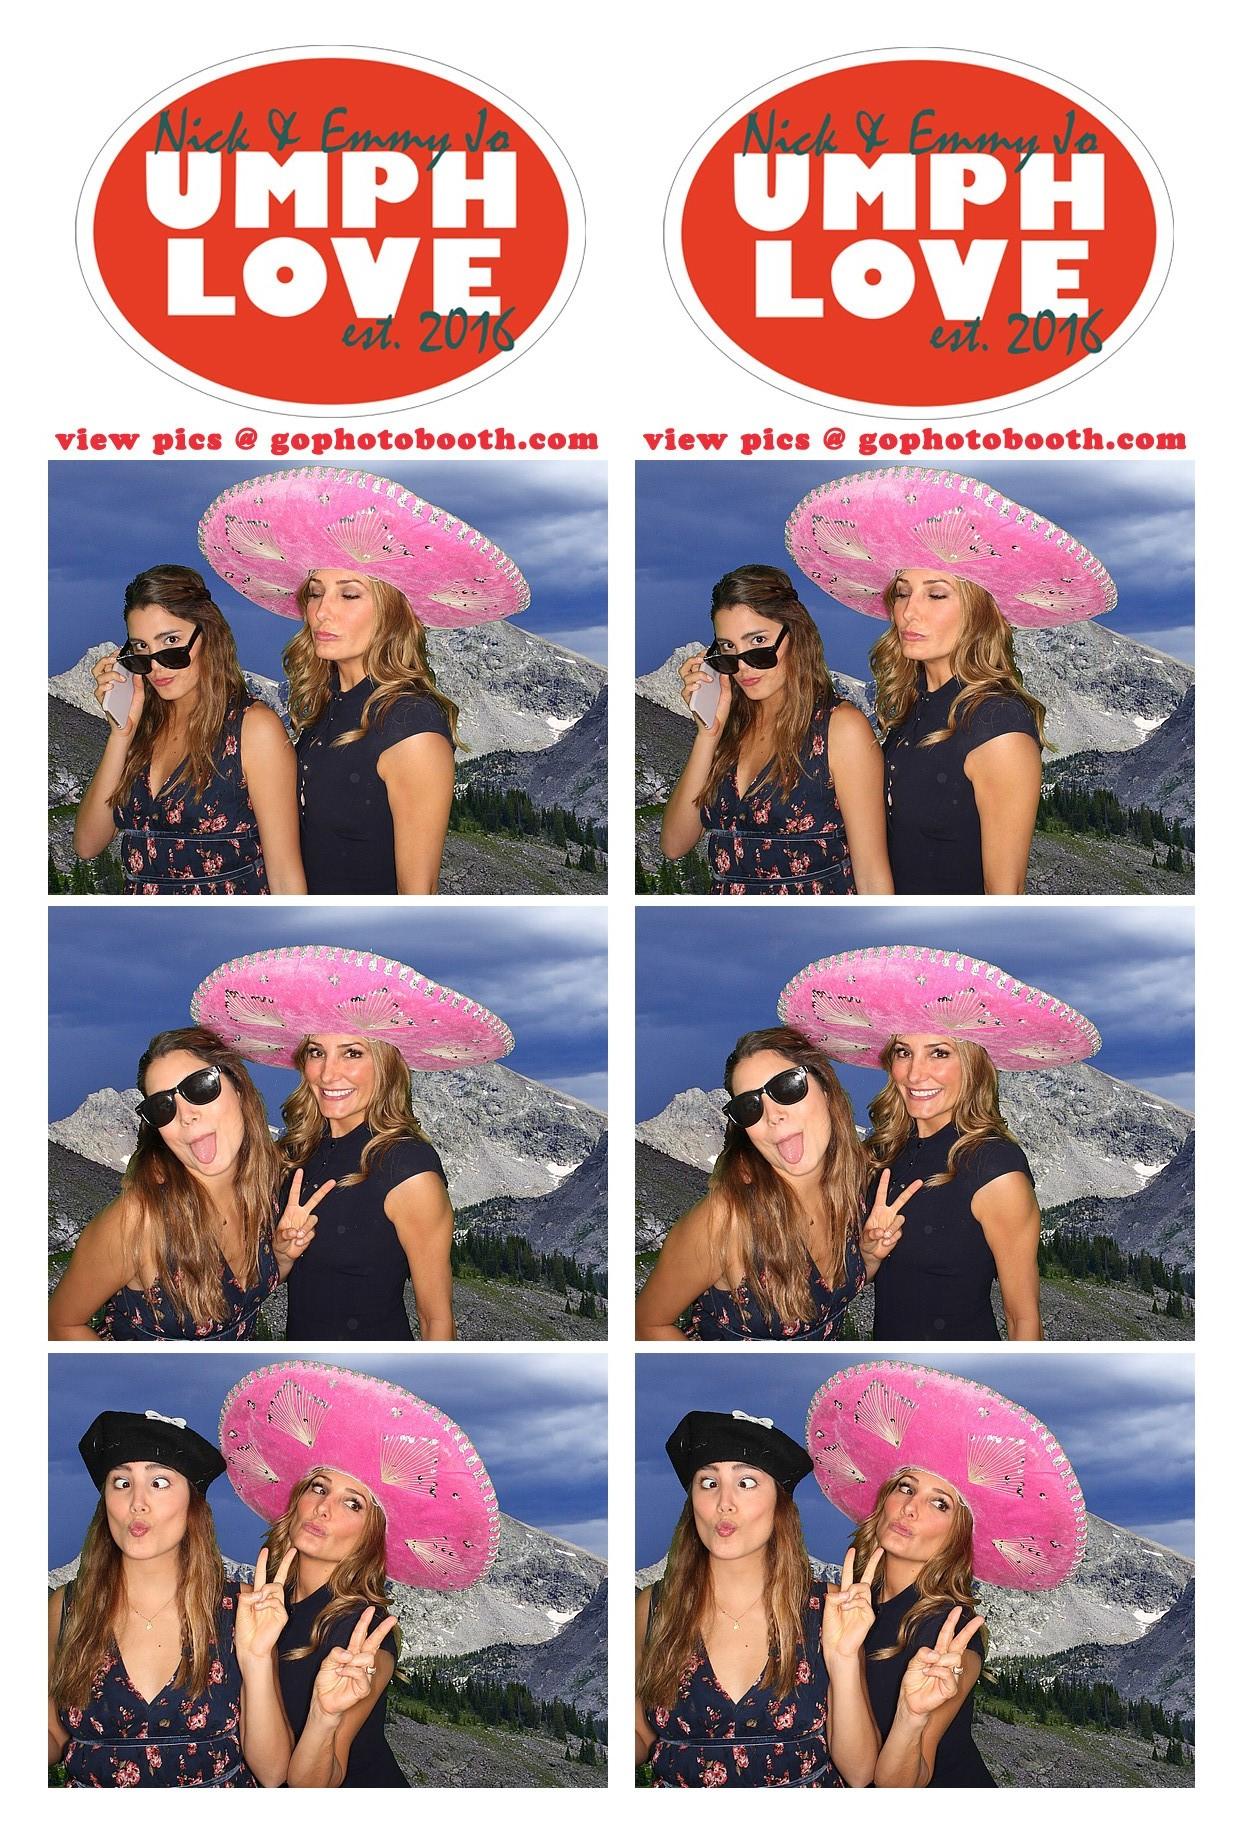 Nick & Emmy Jo/ Vail, CO 06-18/16